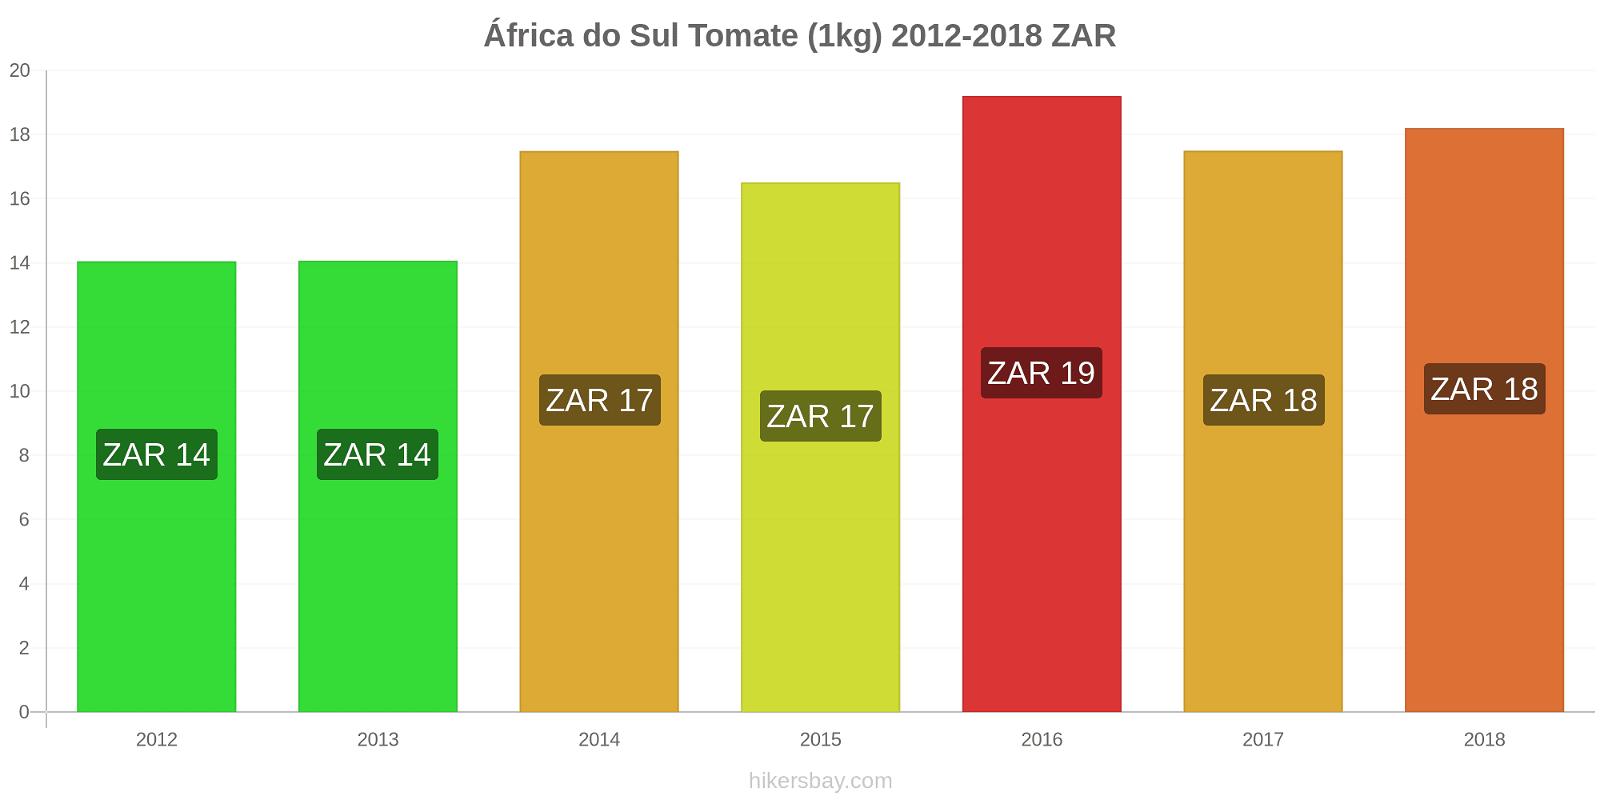 África do Sul variação de preço Tomate (1kg) hikersbay.com